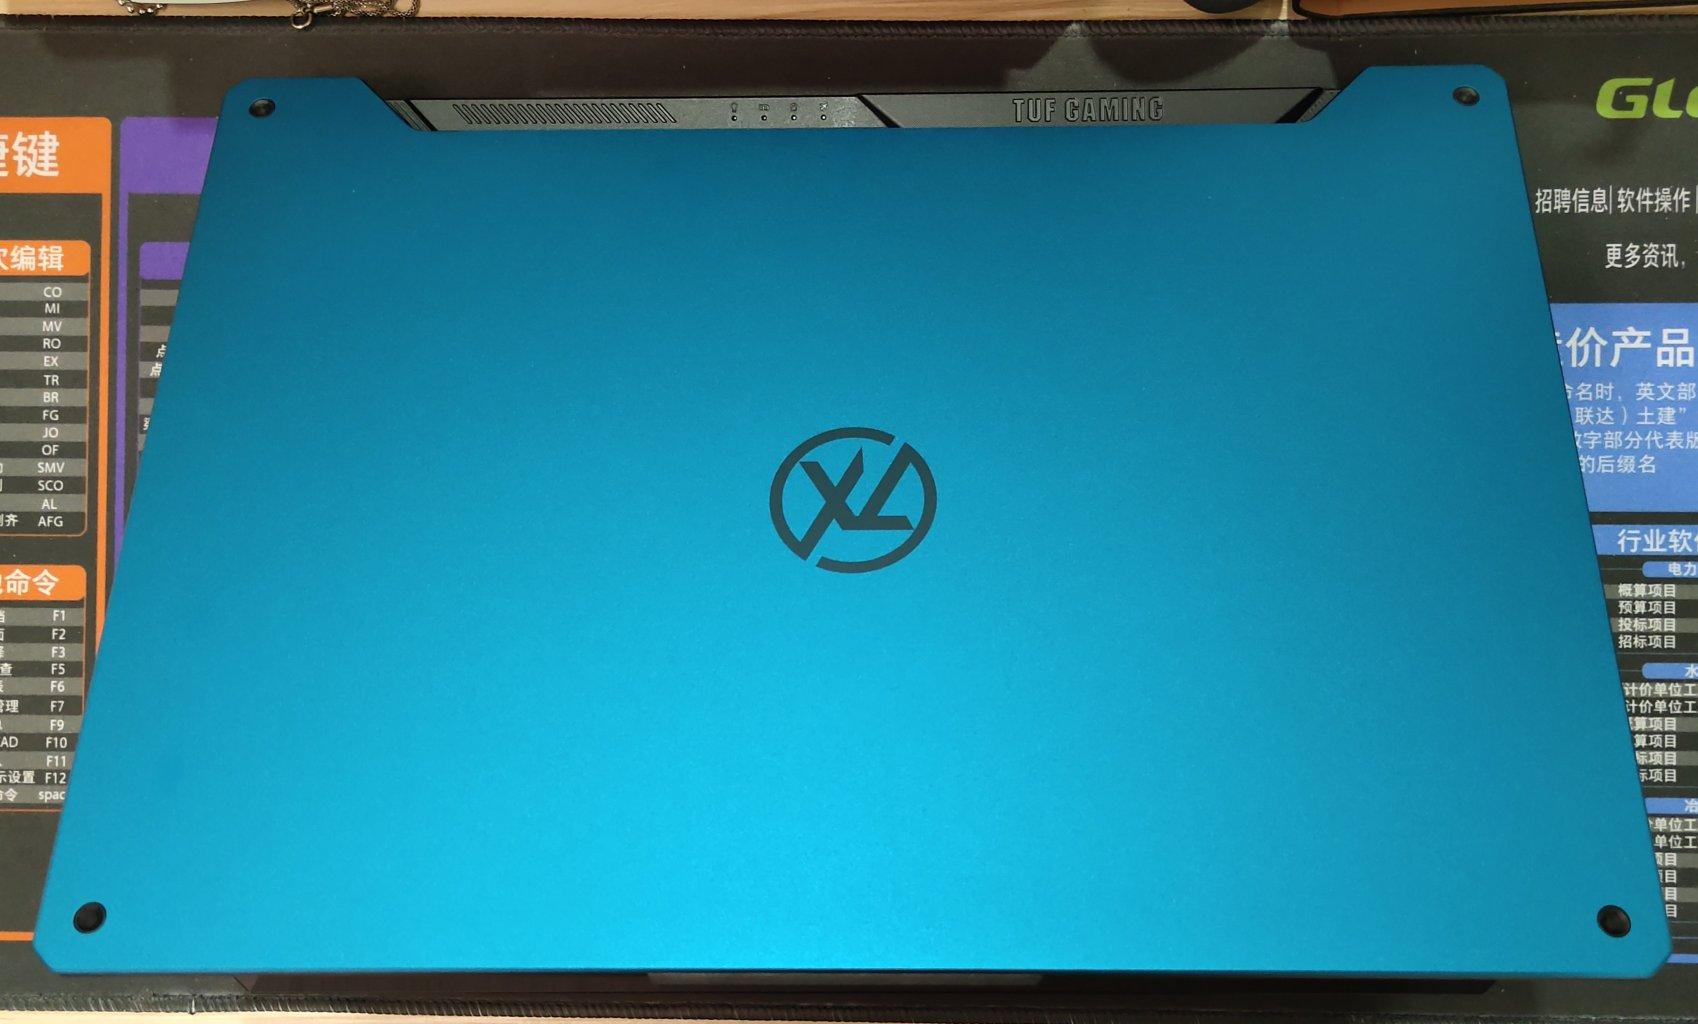 华硕天选15.6英寸游戏笔记本,一款好评高配置电脑